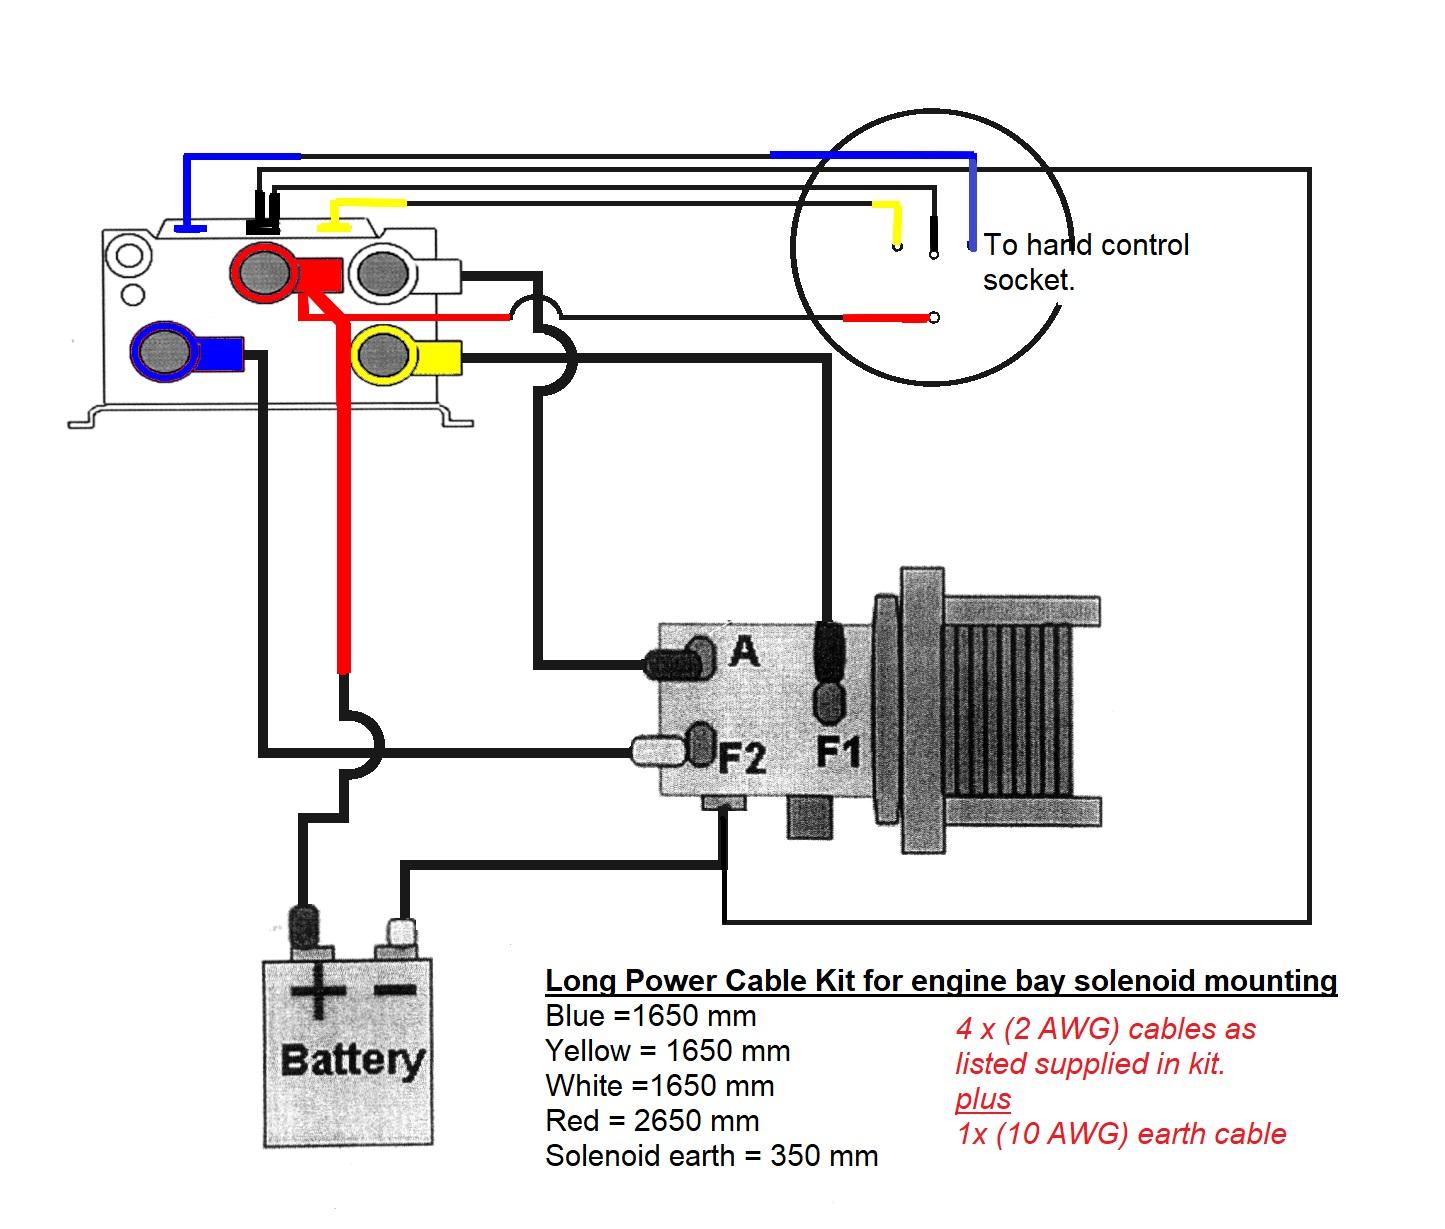 Winch Wire Diagram | Manual E-Books - Winch Wiring Diagram